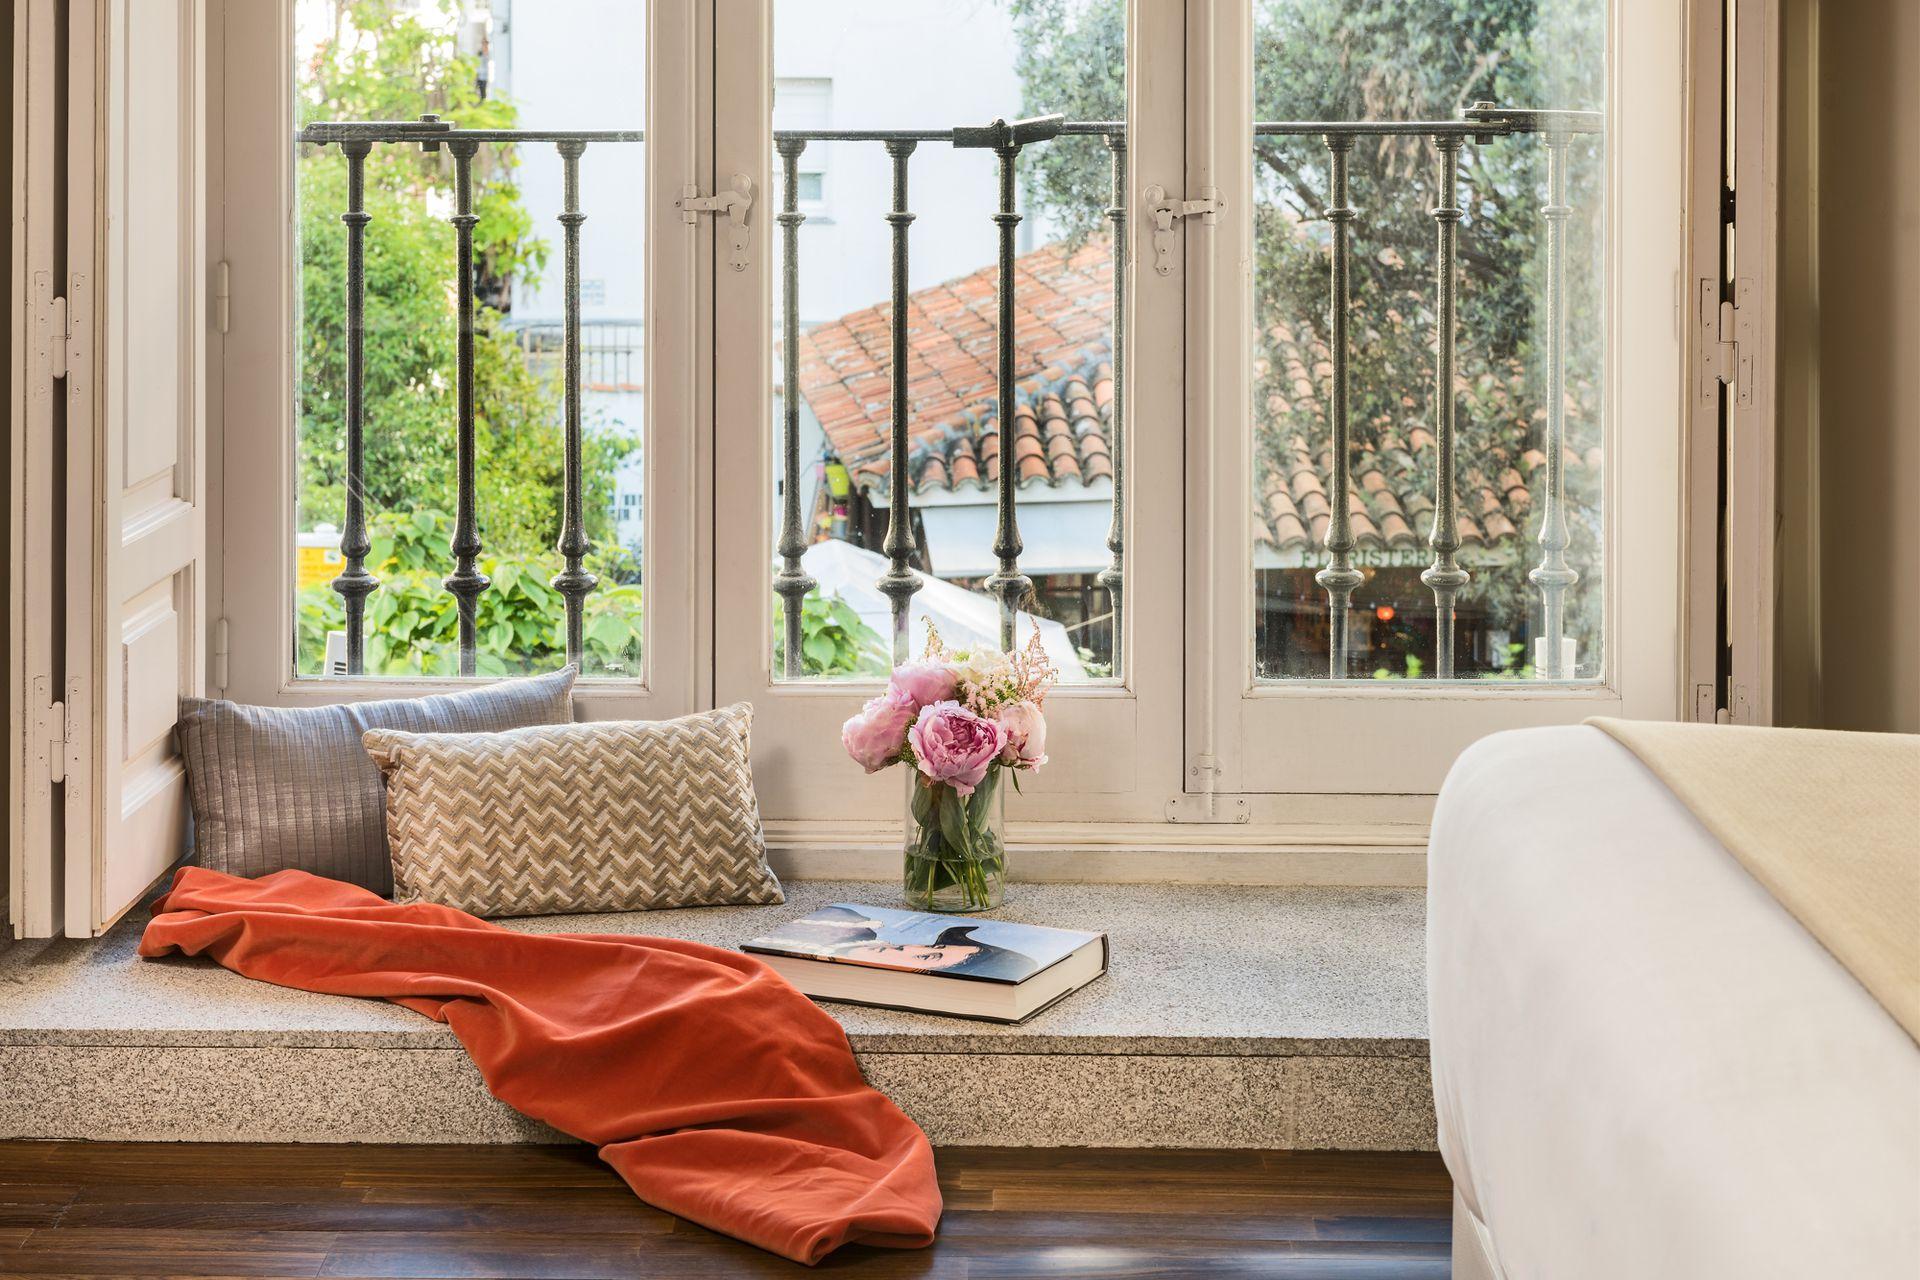 Textiles envolventes para contemplar la vista desde el hotel Palacio de Tepa en Madrid